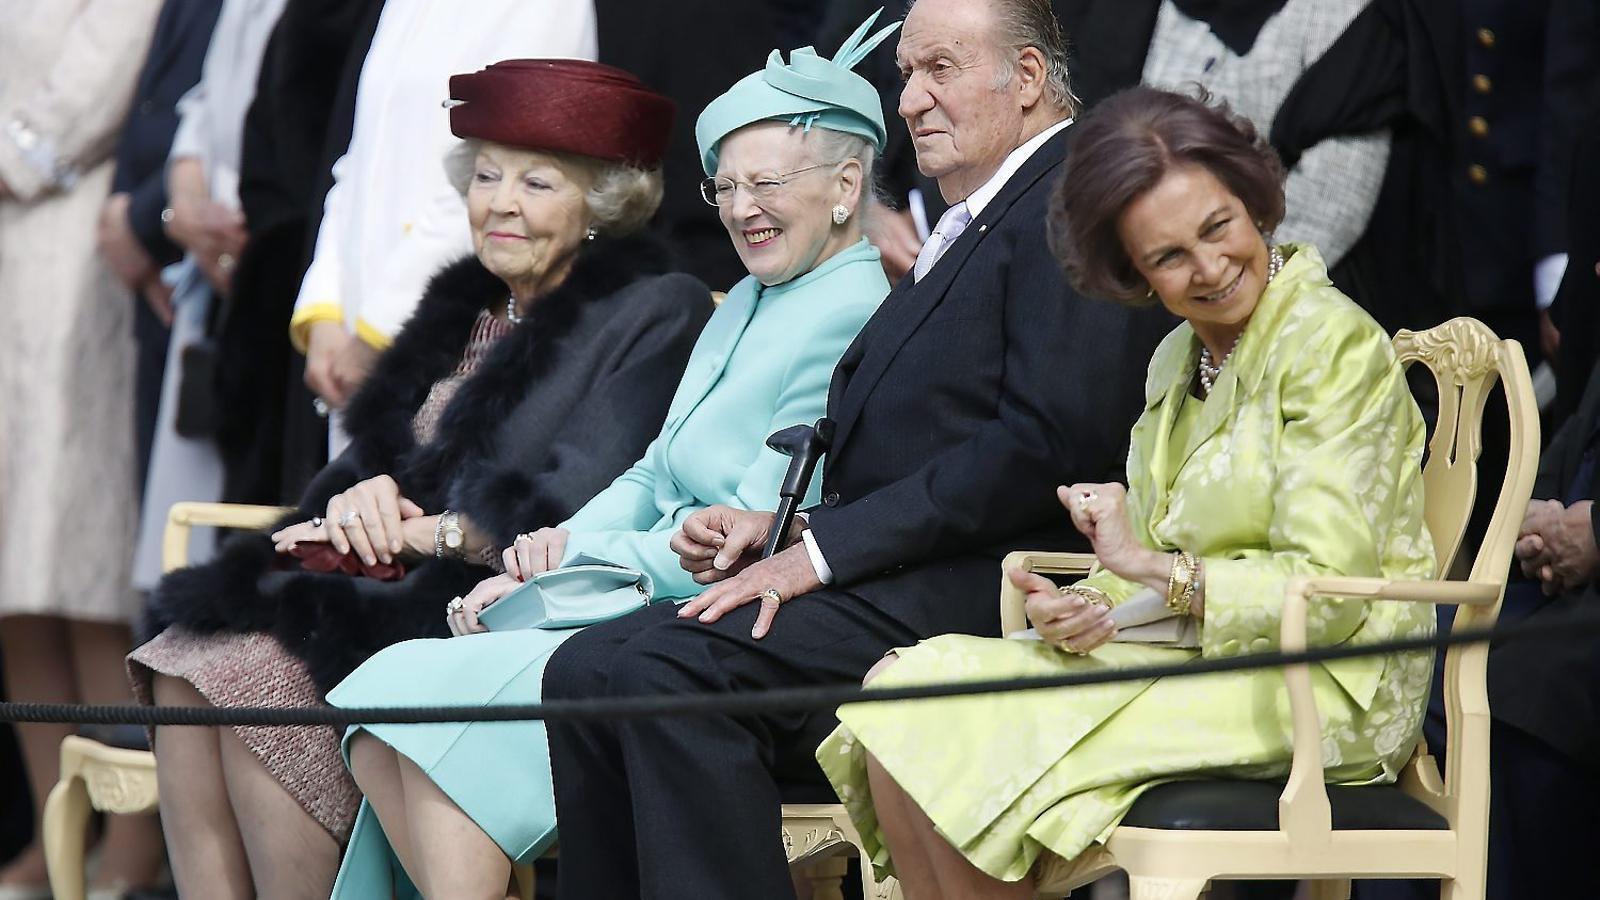 La reina emèrita dels Països Baixos, Beatriu I, la reina Margarida II de Dinamarca i els reis emèrits espanyols, Joan Carles I i Sofia de Grècia, a Suècia dissabte.